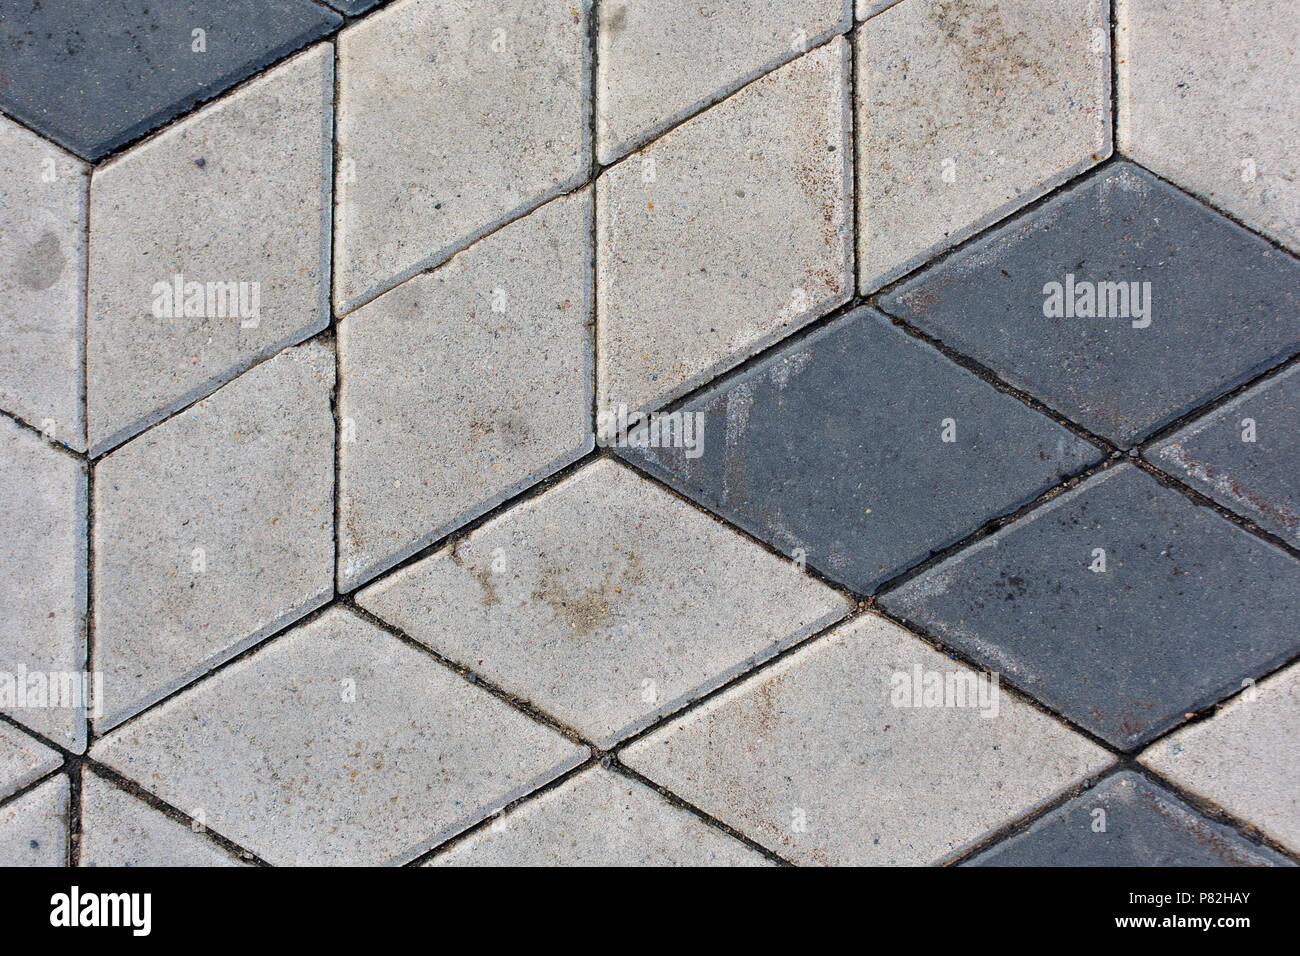 Tuiles béton motif losange texture background Banque D'Images